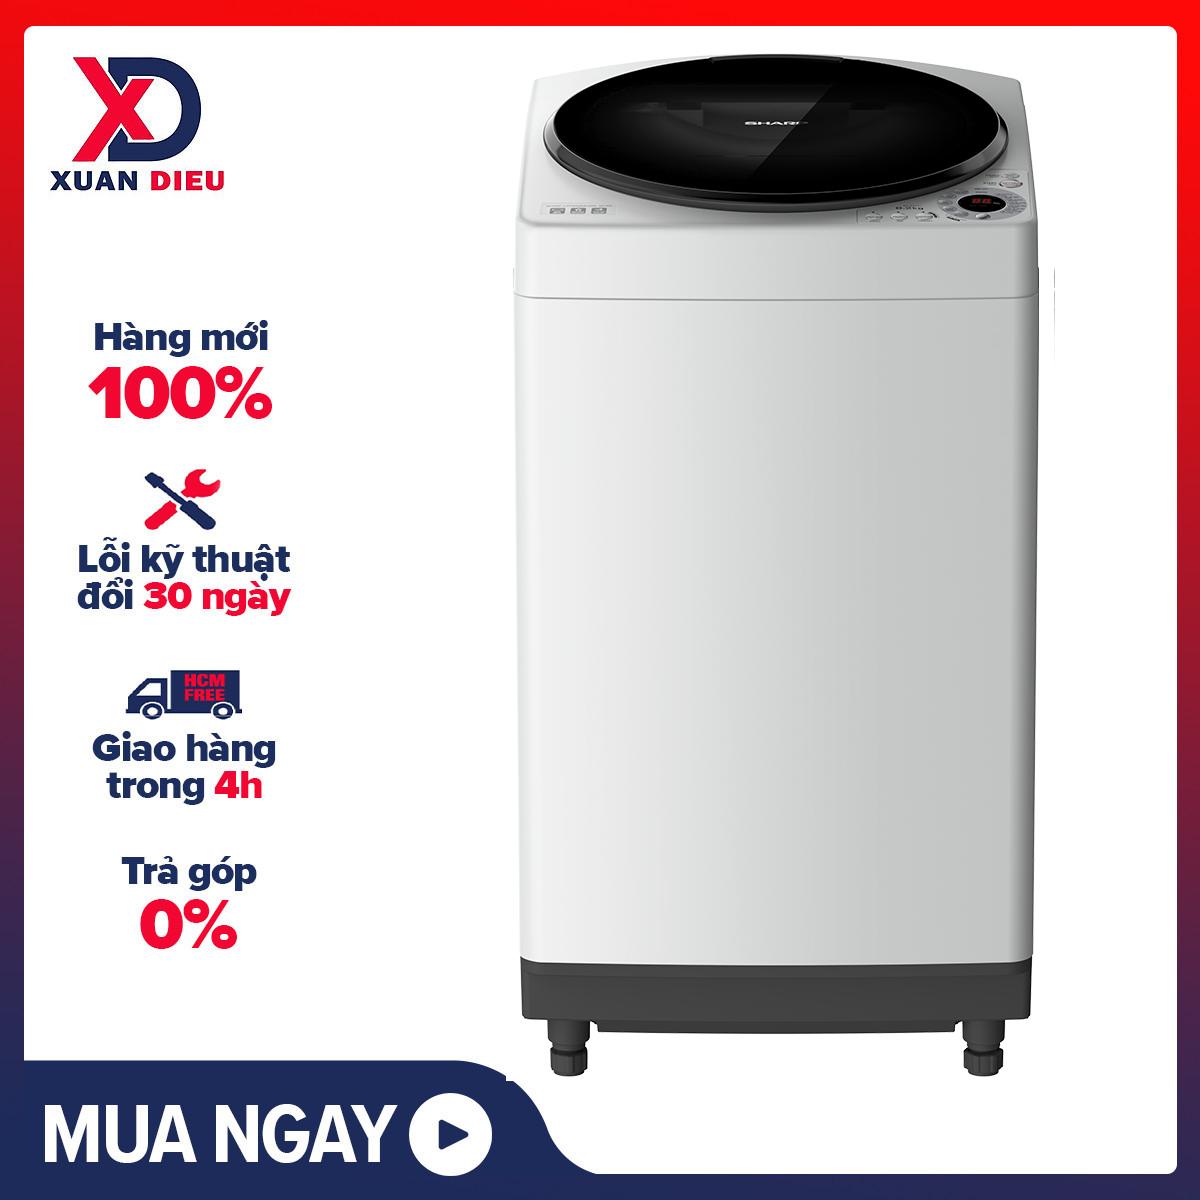 TRẢ GÓP 0% - Máy giặt Sharp 8Kg ES-W80GV-H - Loại máy giặt:Cửa trên - Truyền động:Bằng dây Curoa - Công nghệ giặt:Mâm giặt Dolphin Ag+, BẢO HÀNH 12 THÁNG